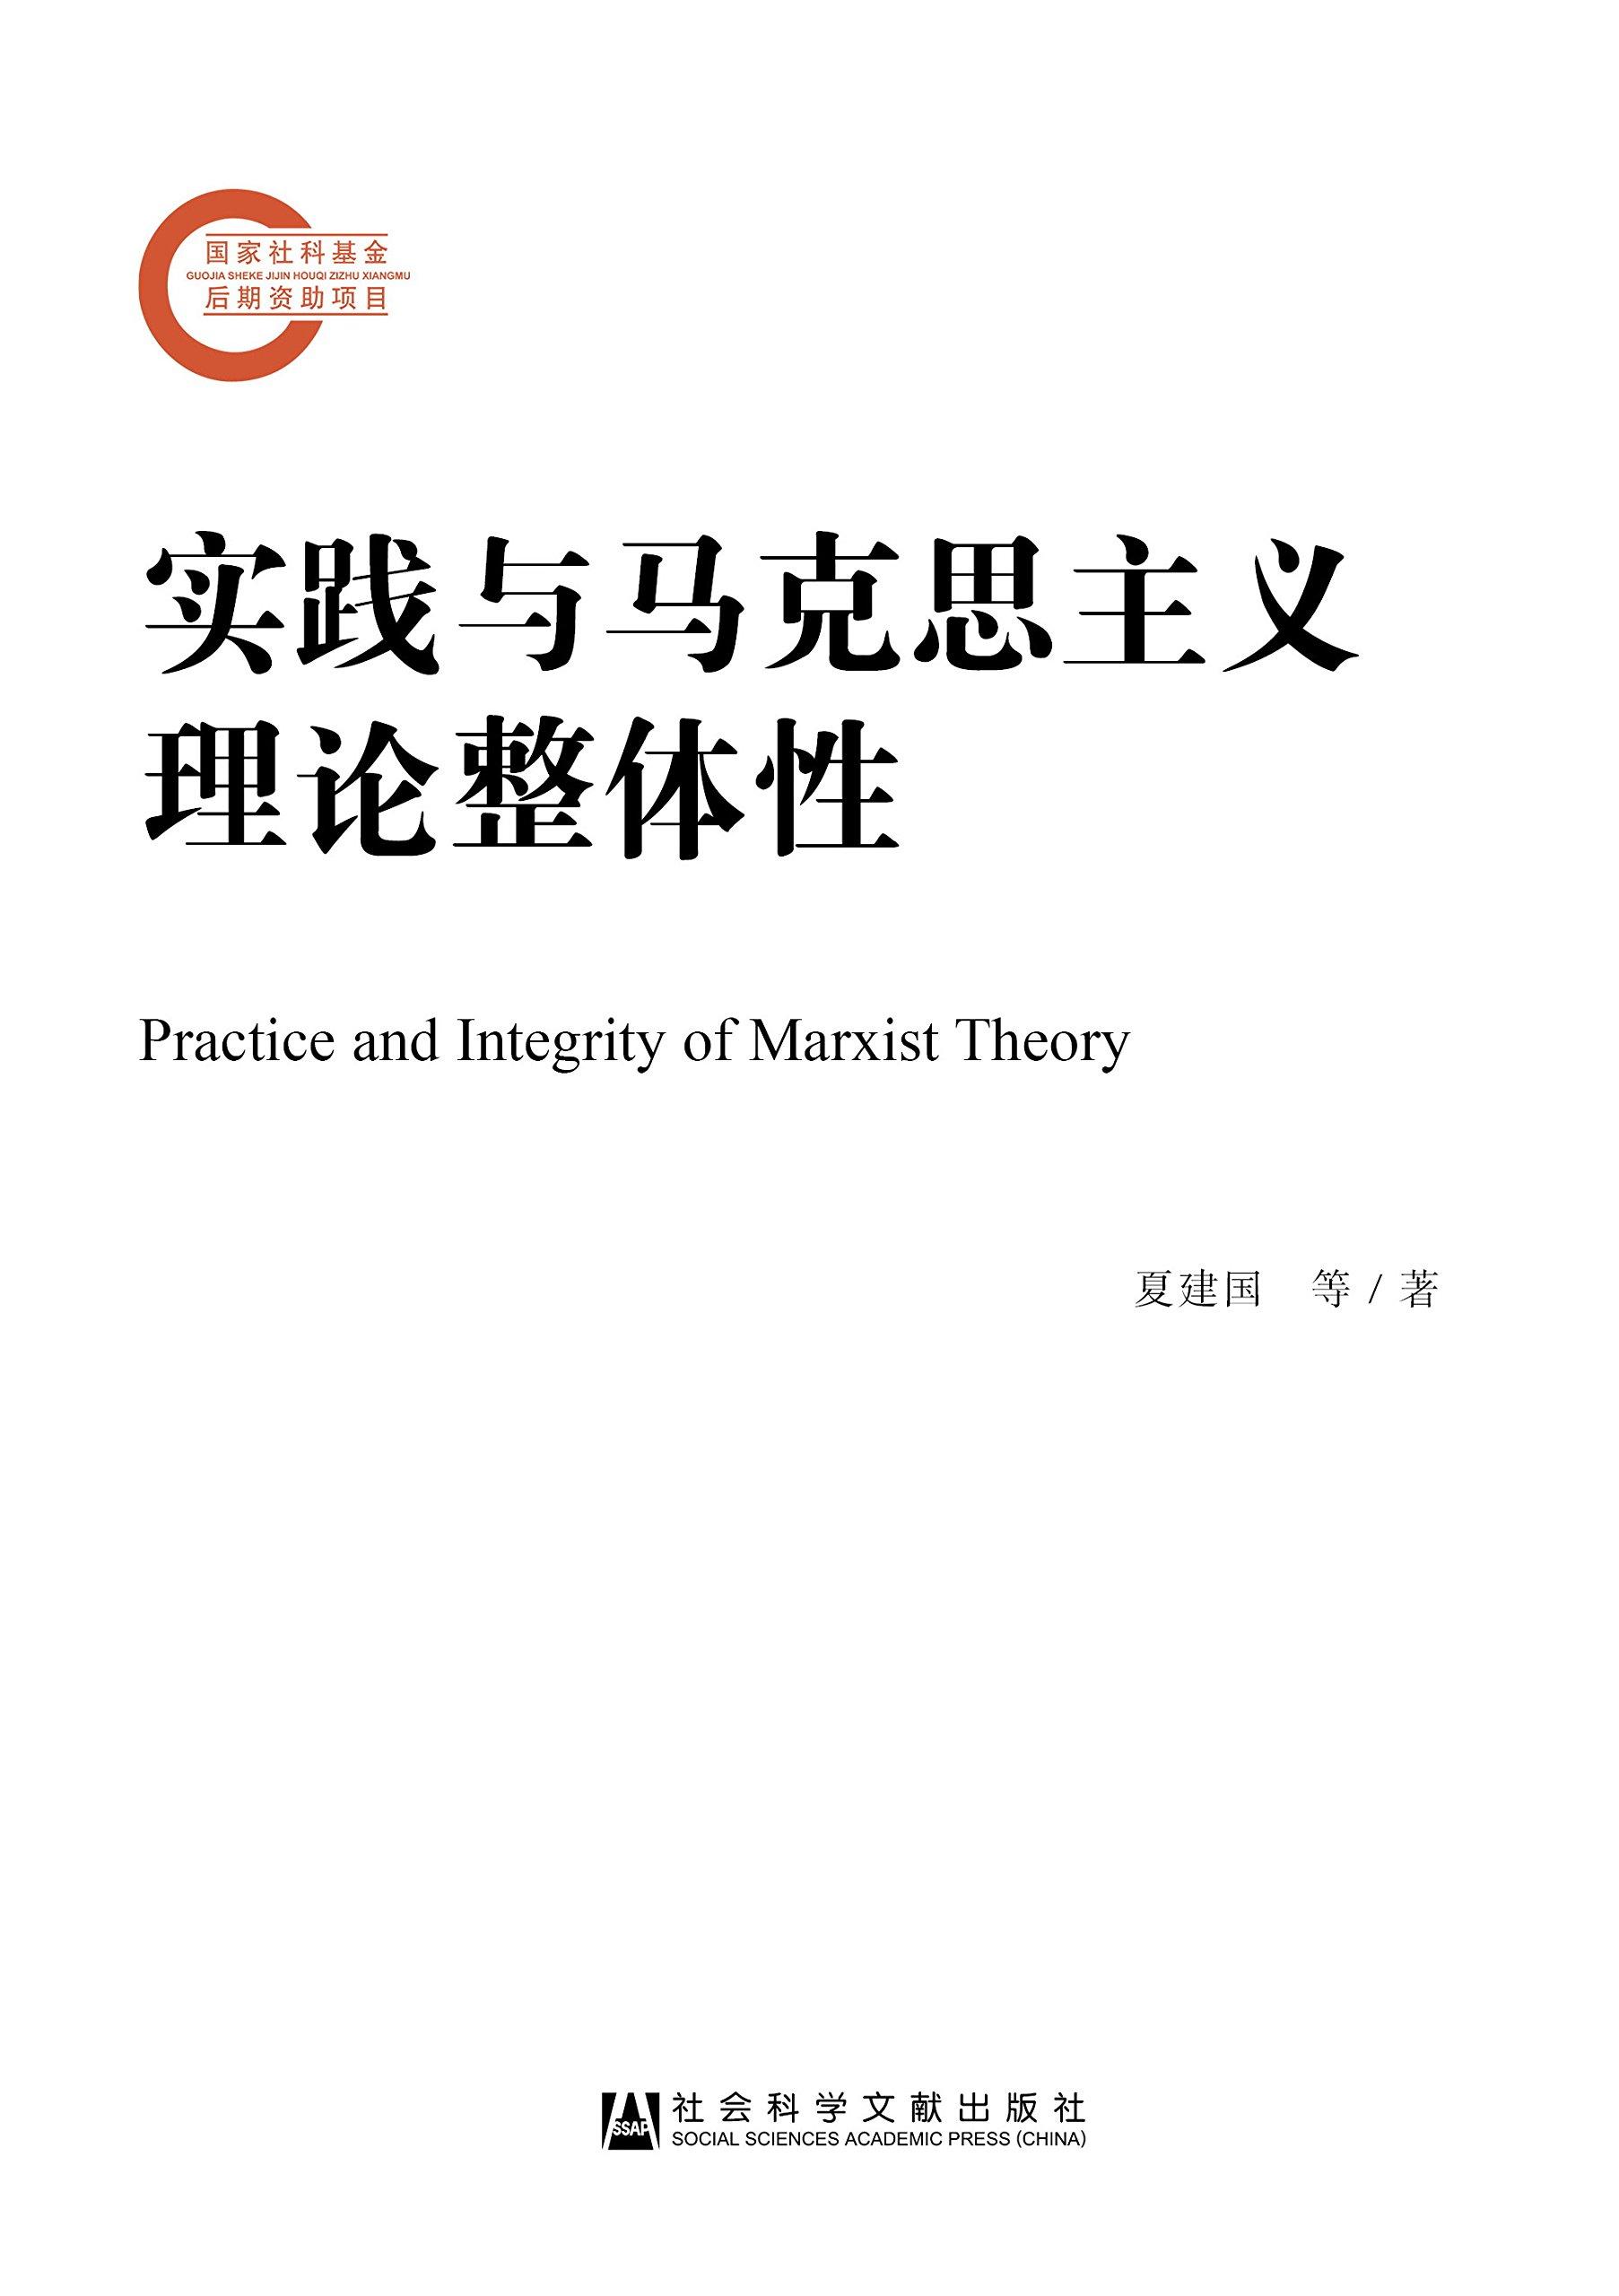 實踐與馬克思主義理論整體性:內容簡介.作者簡介.目錄信息._中文百科全書